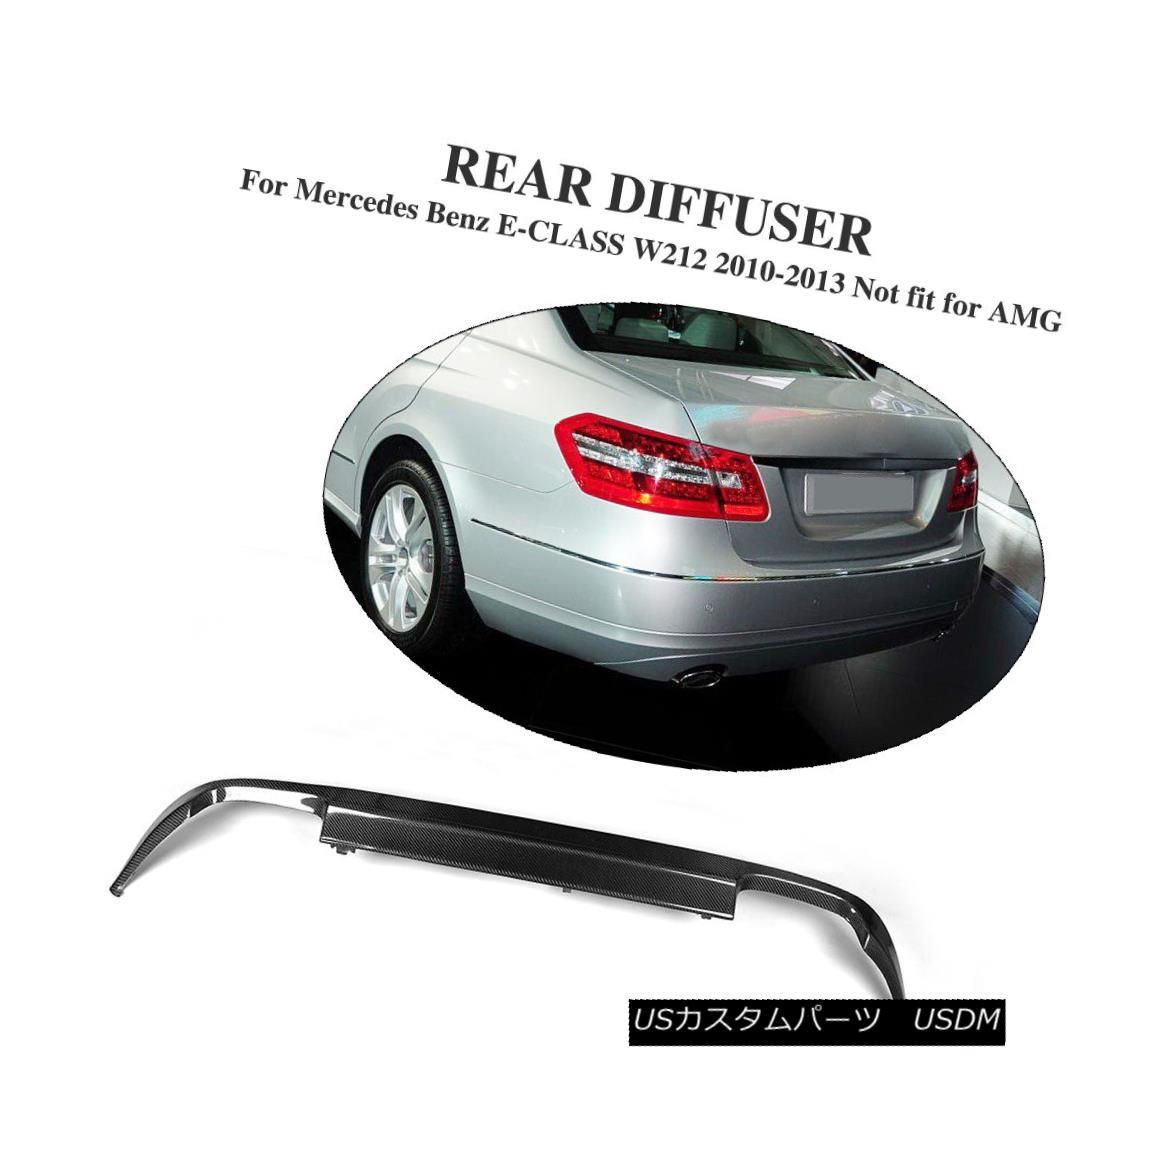 エアロパーツ Carbon Fiber Rear Bumper Diffuser Fit for Mercedes Benz E Class W212 Non-AMG メルセデスベンツEクラスW212非AMG用カーボンファイバーリアバンパーディフューザーフィット